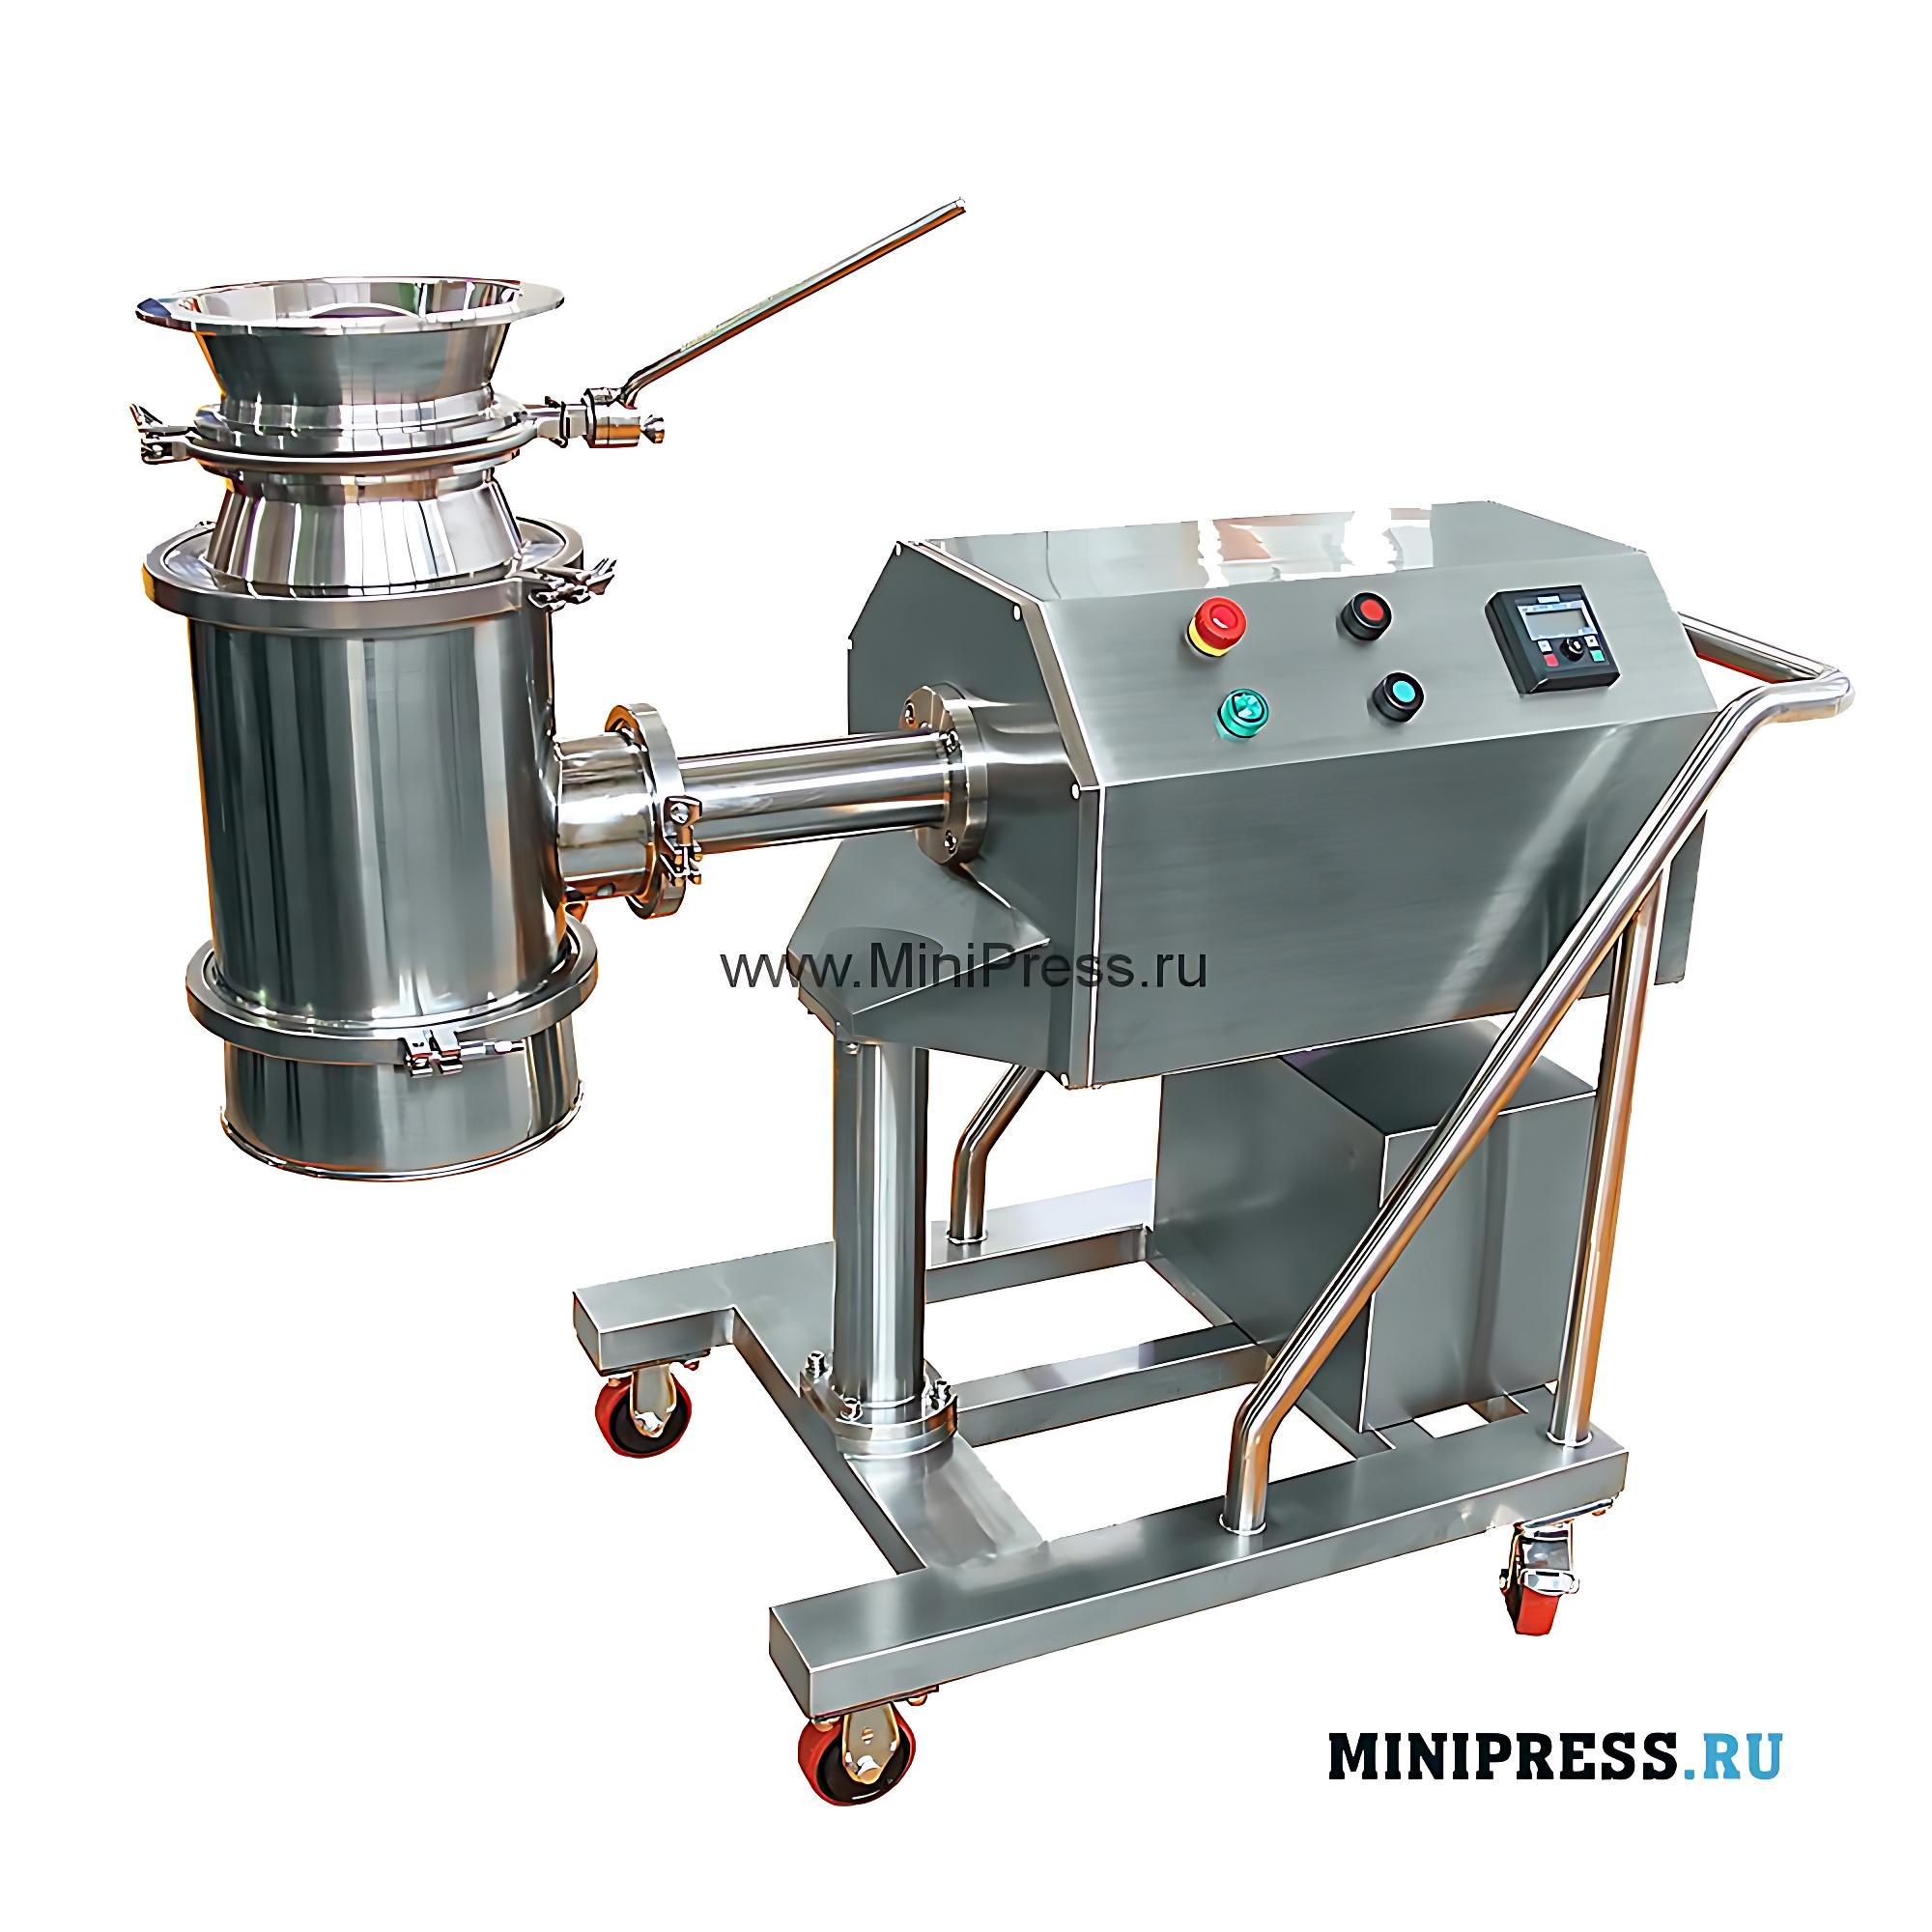 Промышленный гранулятор для влажного гранулирования порошков